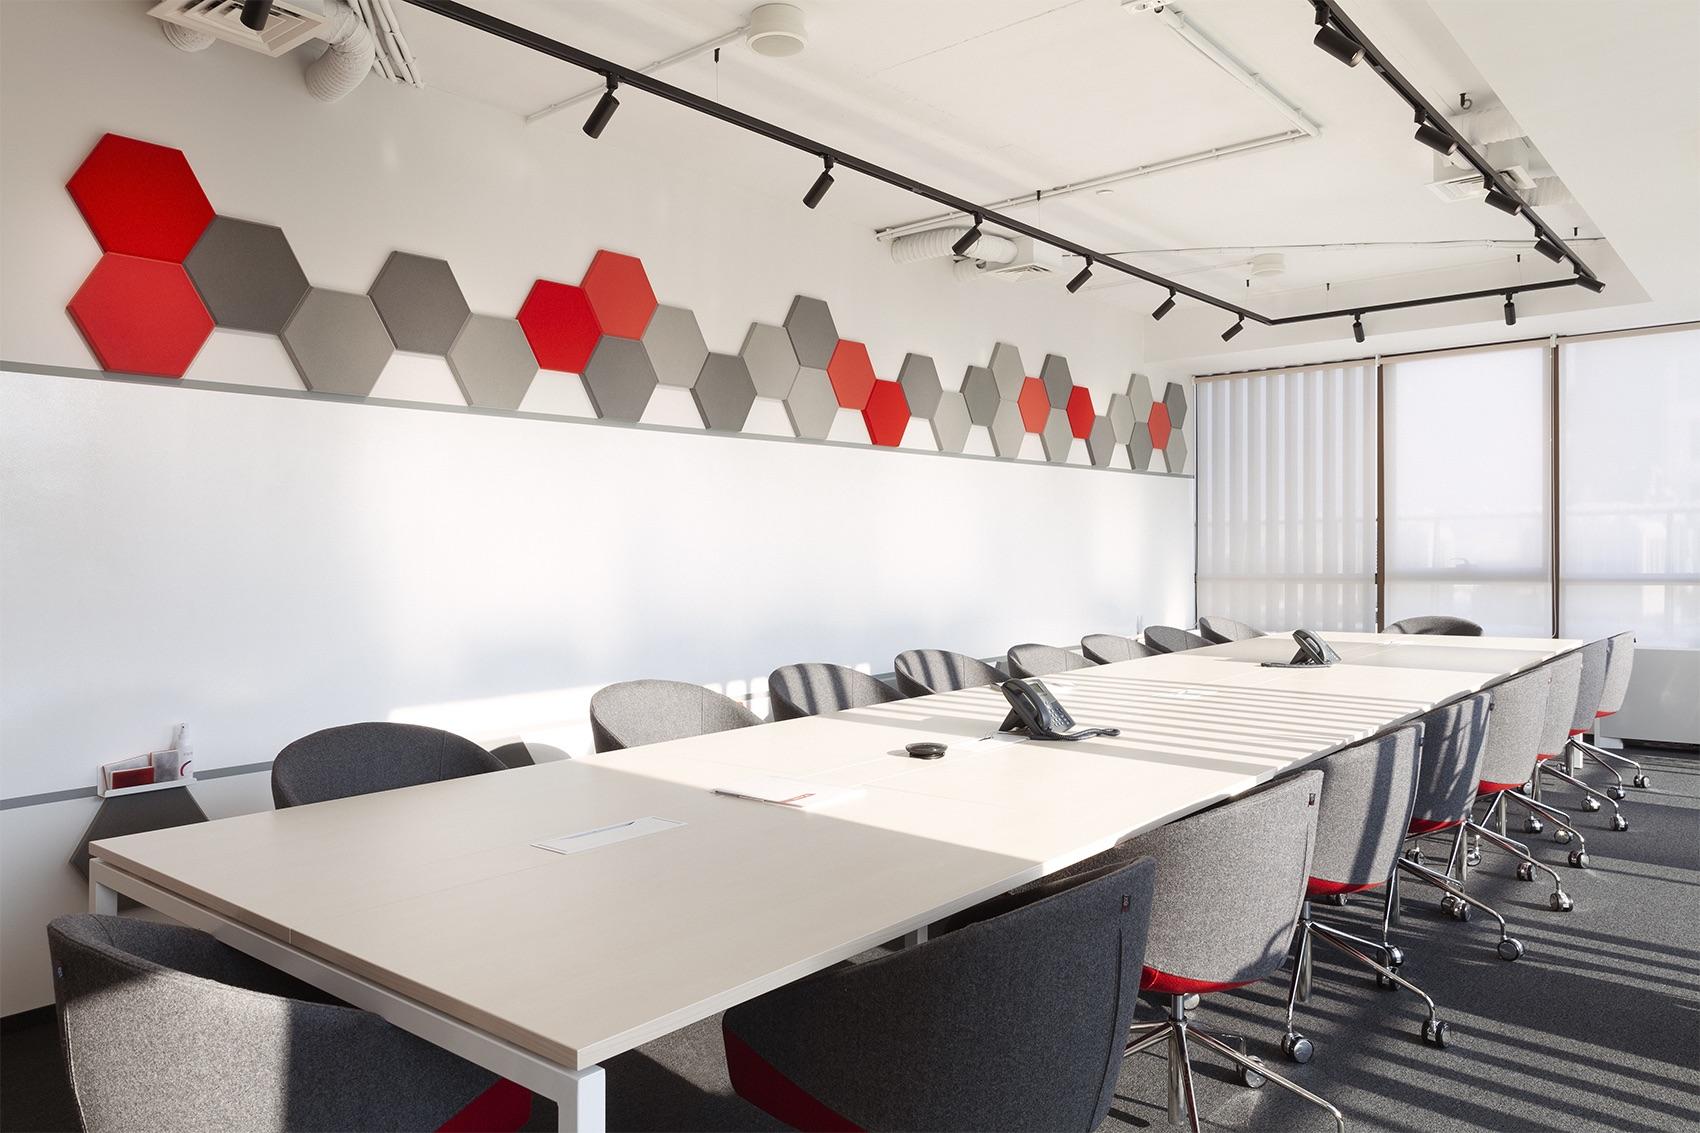 cache-atelier-interior-design-office-space-accedia-bulgaria-sofia-18